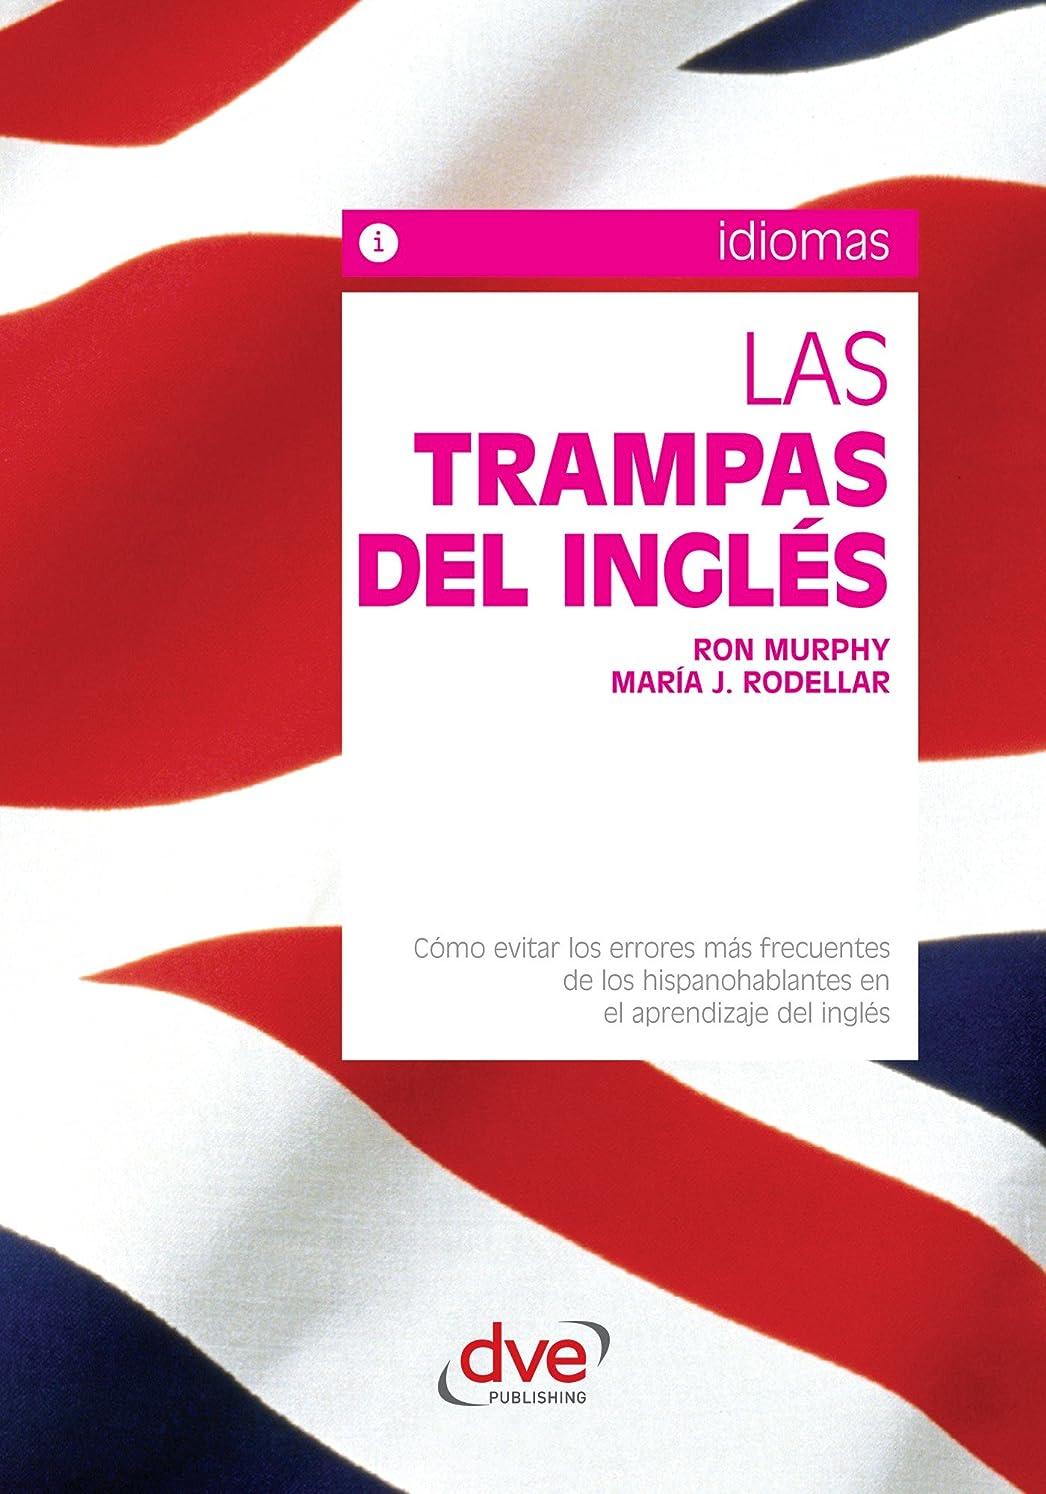 バーマドトラブル仮装Las trampas del inglés (Spanish Edition)